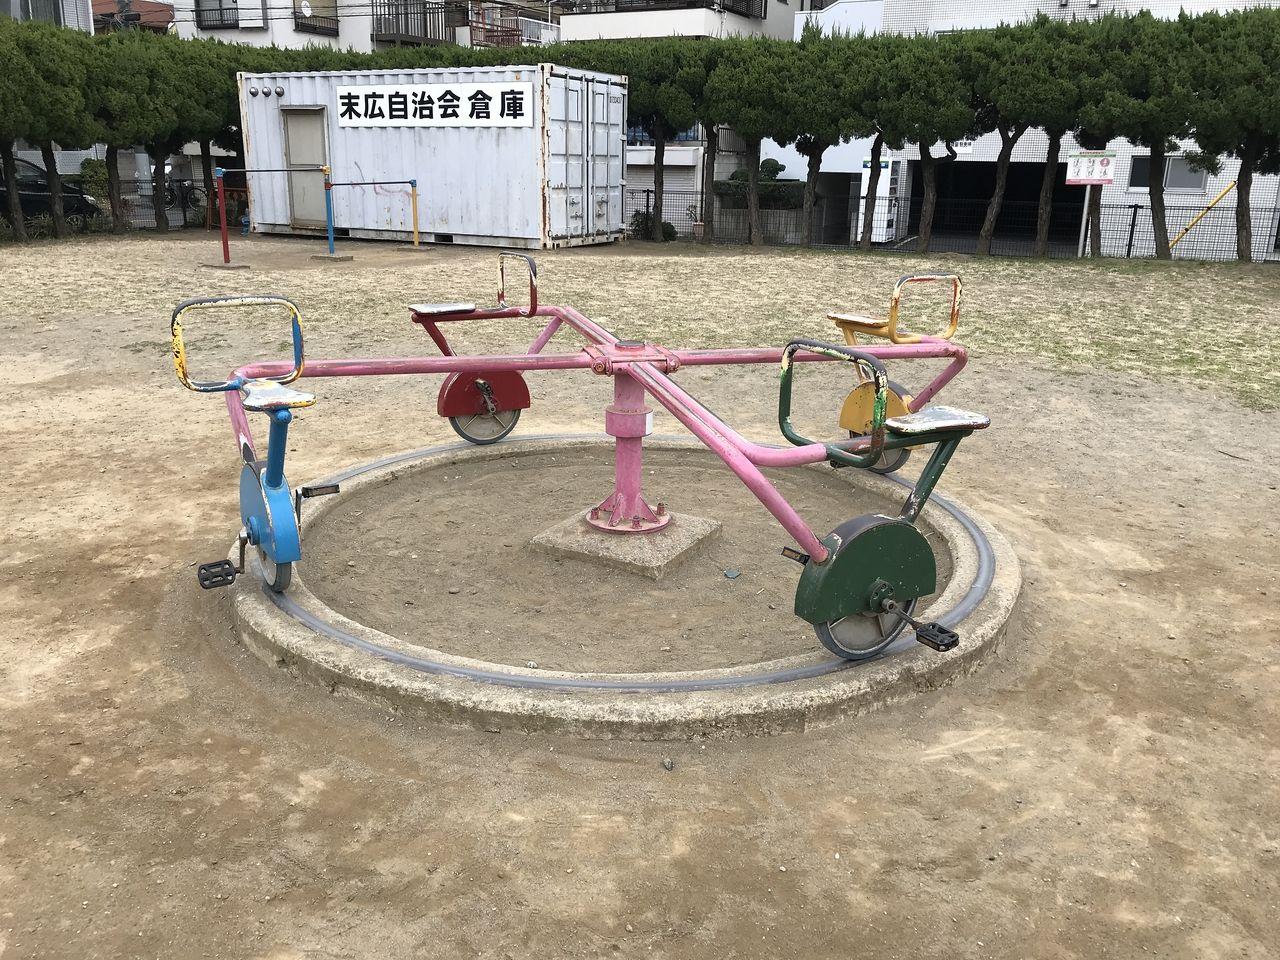 行徳の南場公園の四人乗り自転車